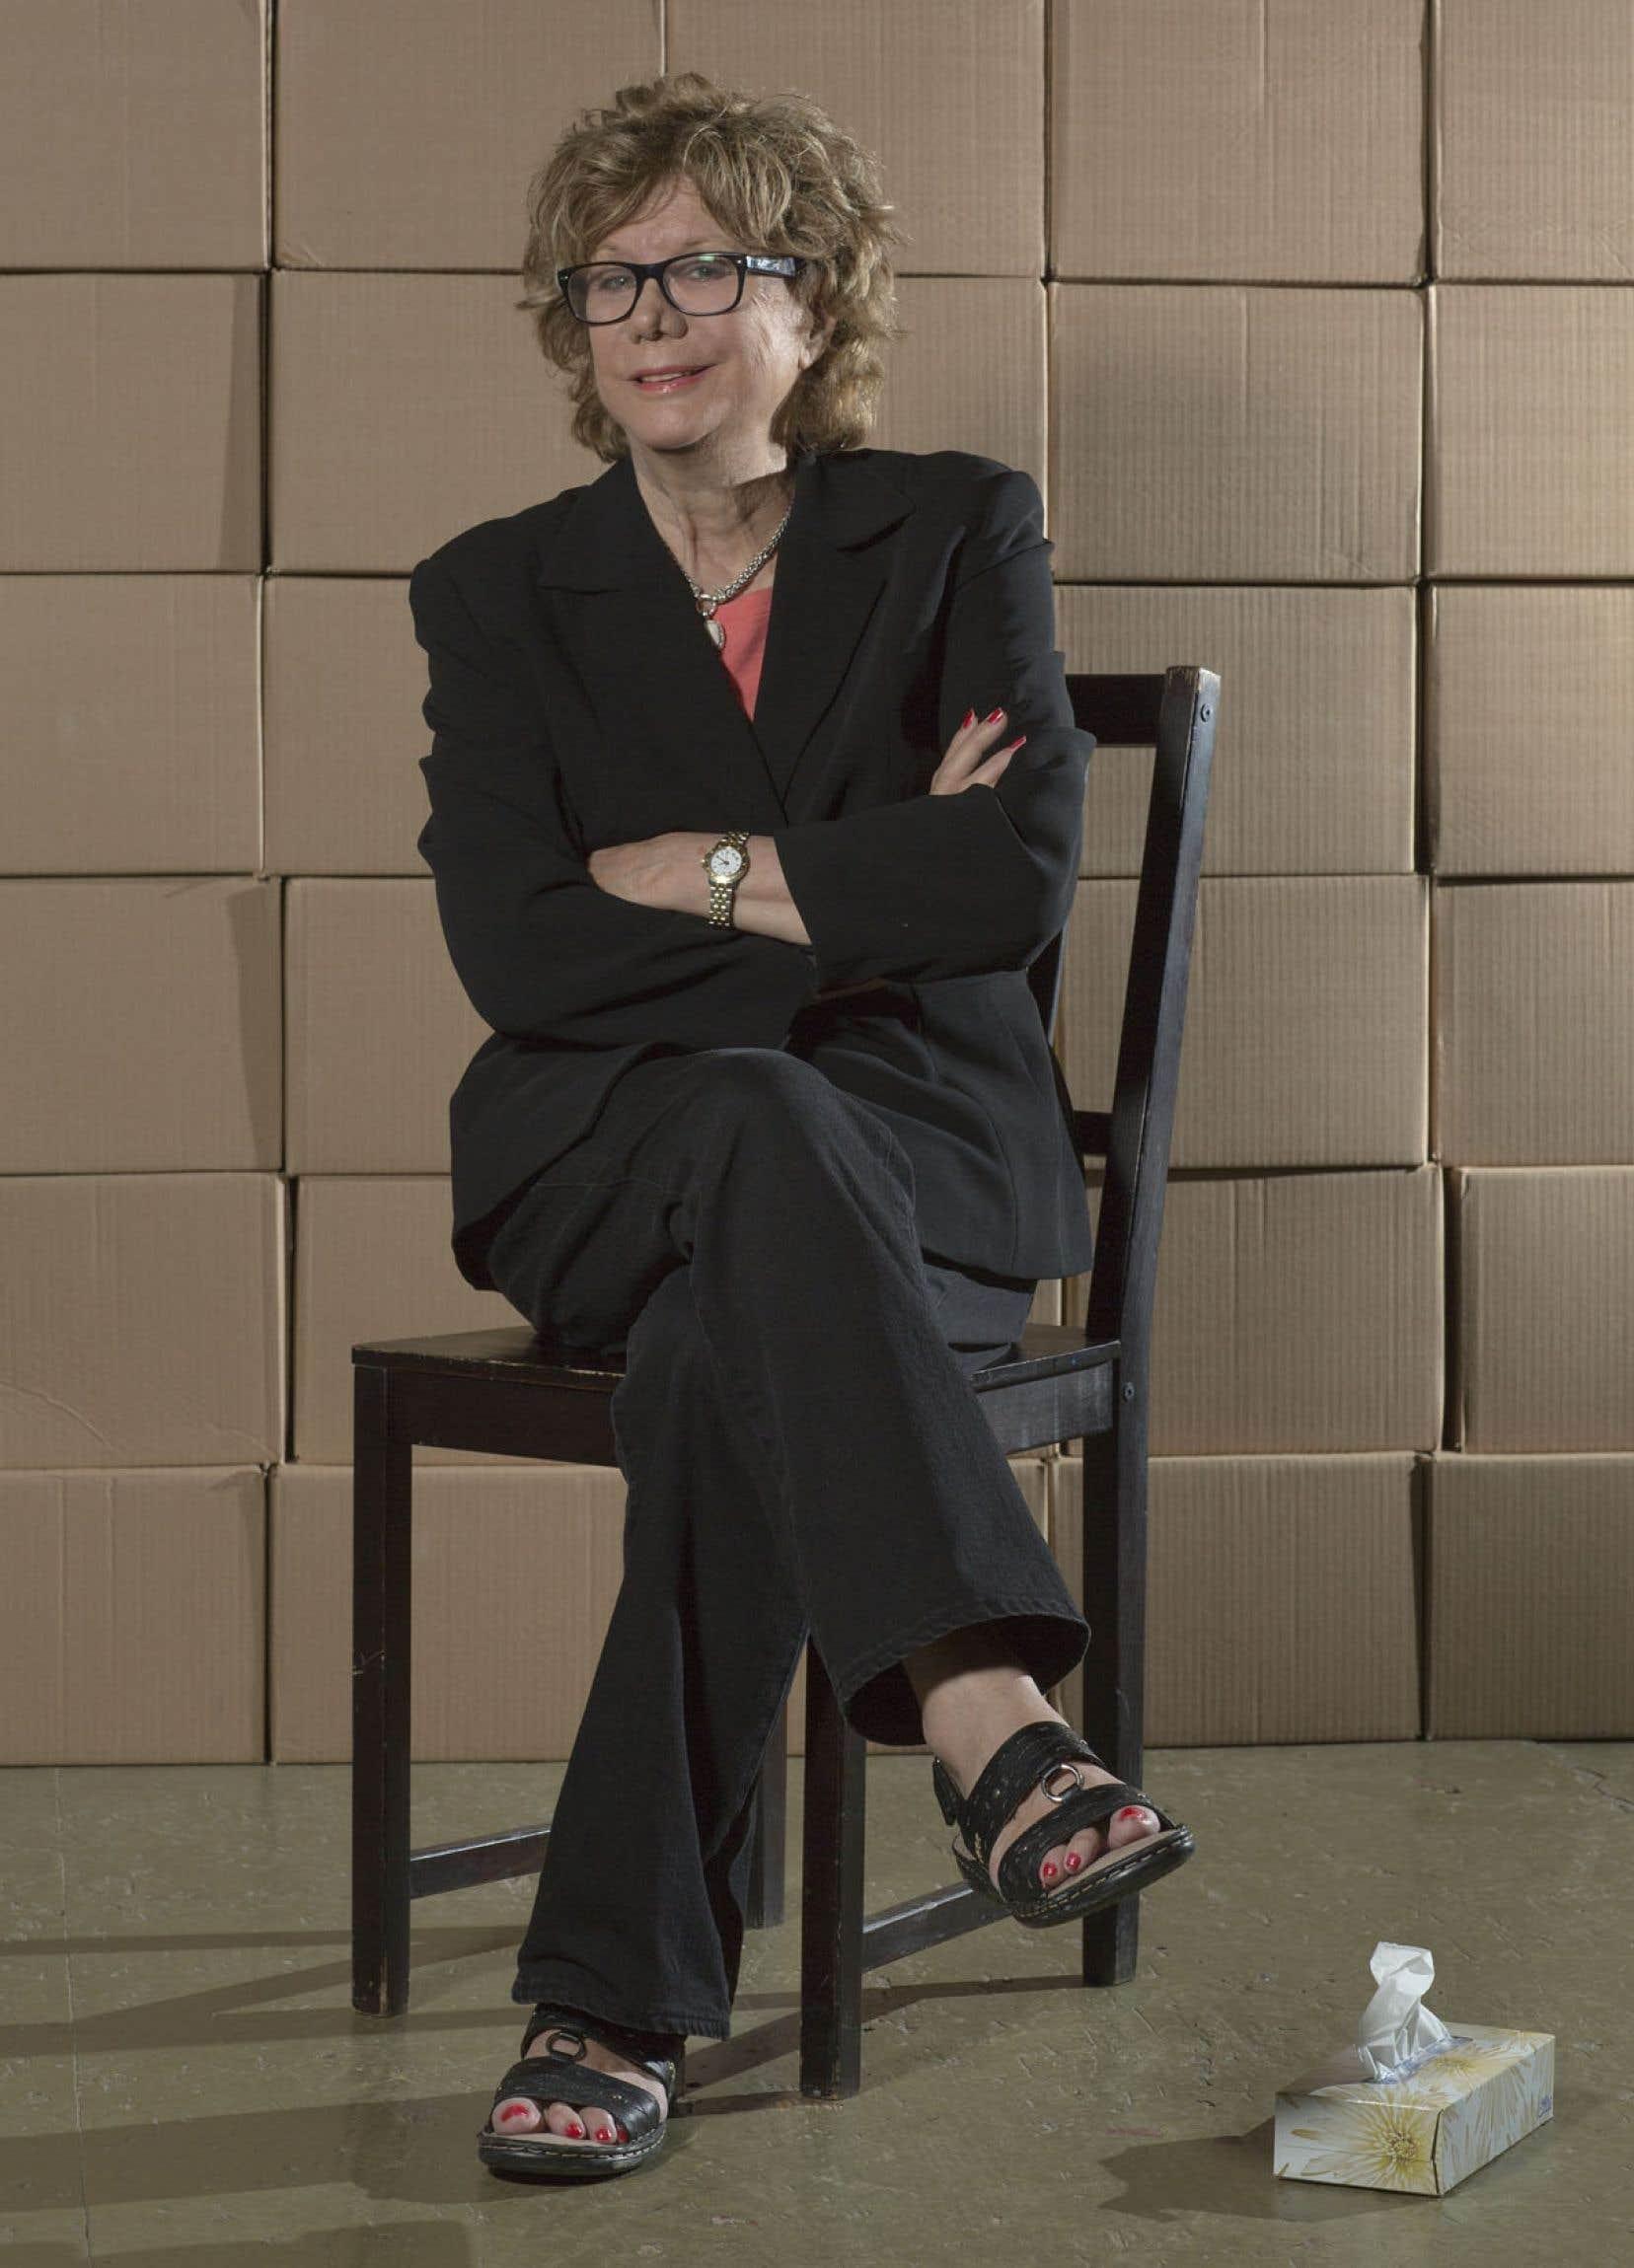 La directrice artistique du Rideau vert, Denise Filiatrault, promet une saison 2014-2015 qui passe du rire aux larmes.